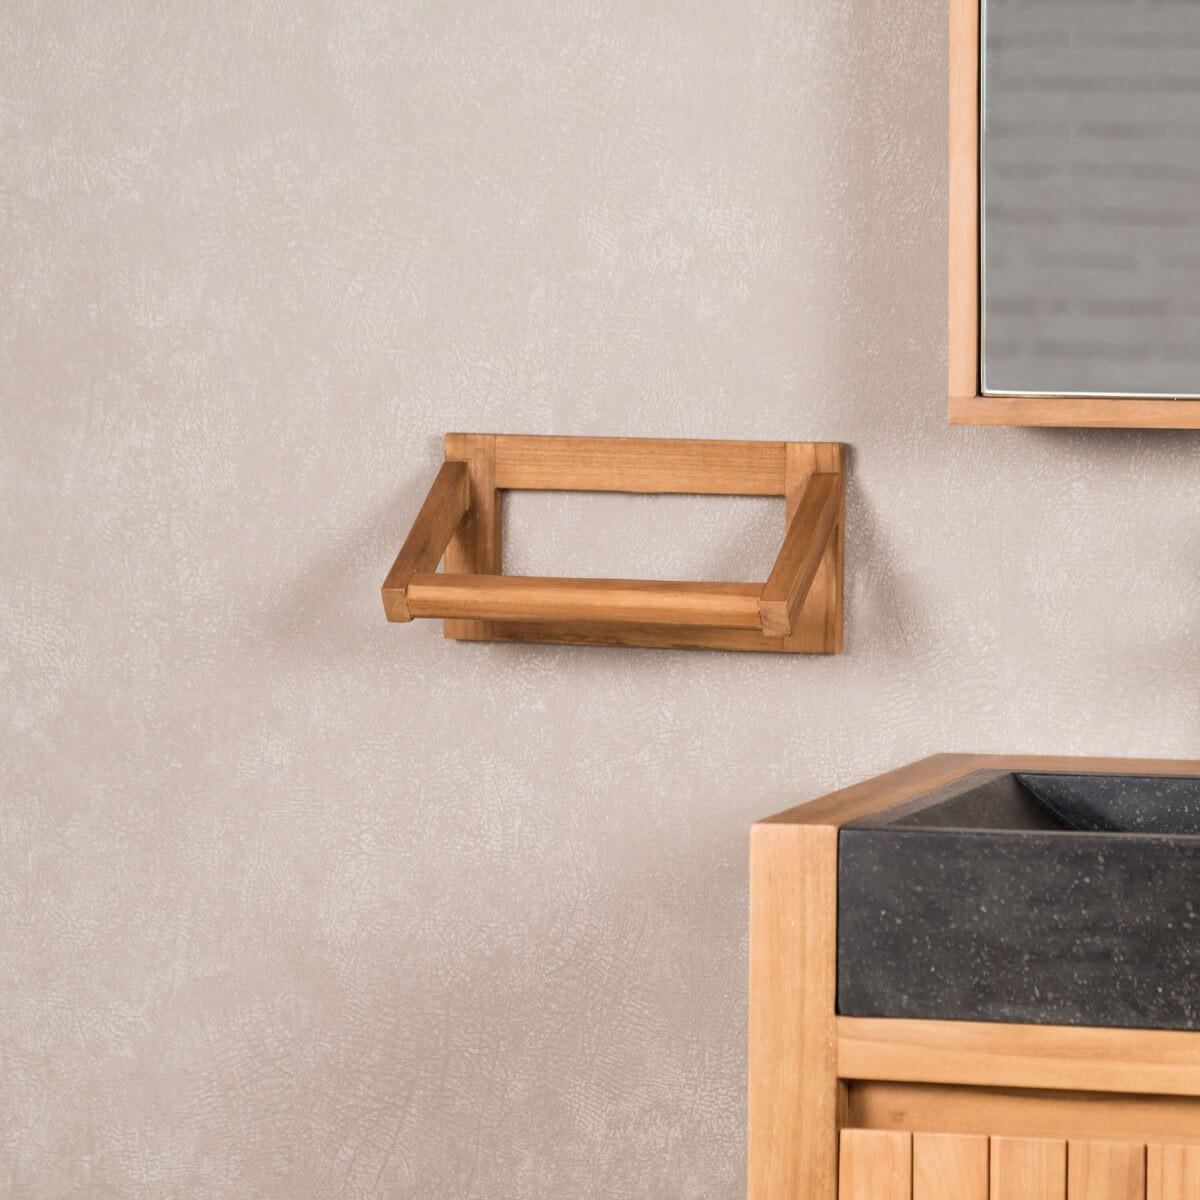 fixer porte fixer porte prparez les trous pour fixer. Black Bedroom Furniture Sets. Home Design Ideas